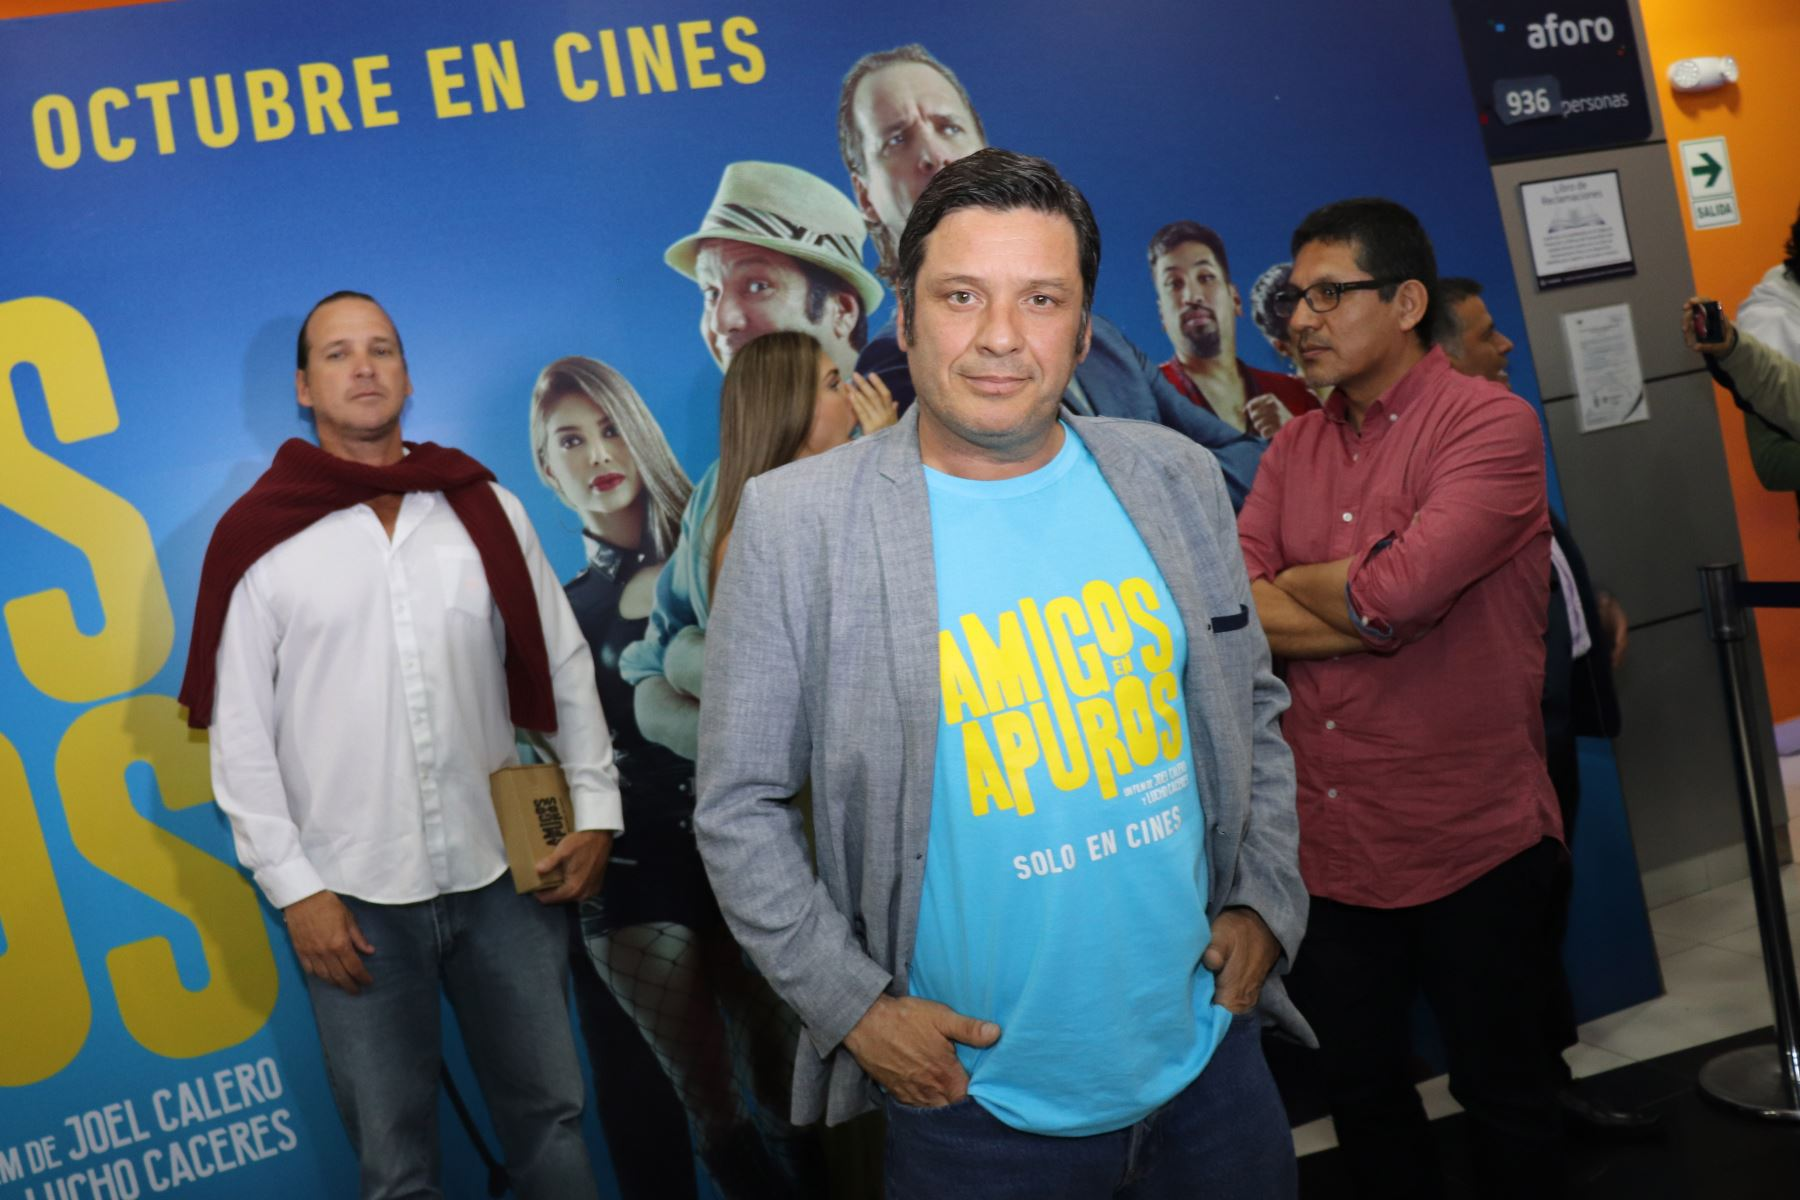 Lucho Cáceres participa en esta cinta como director.